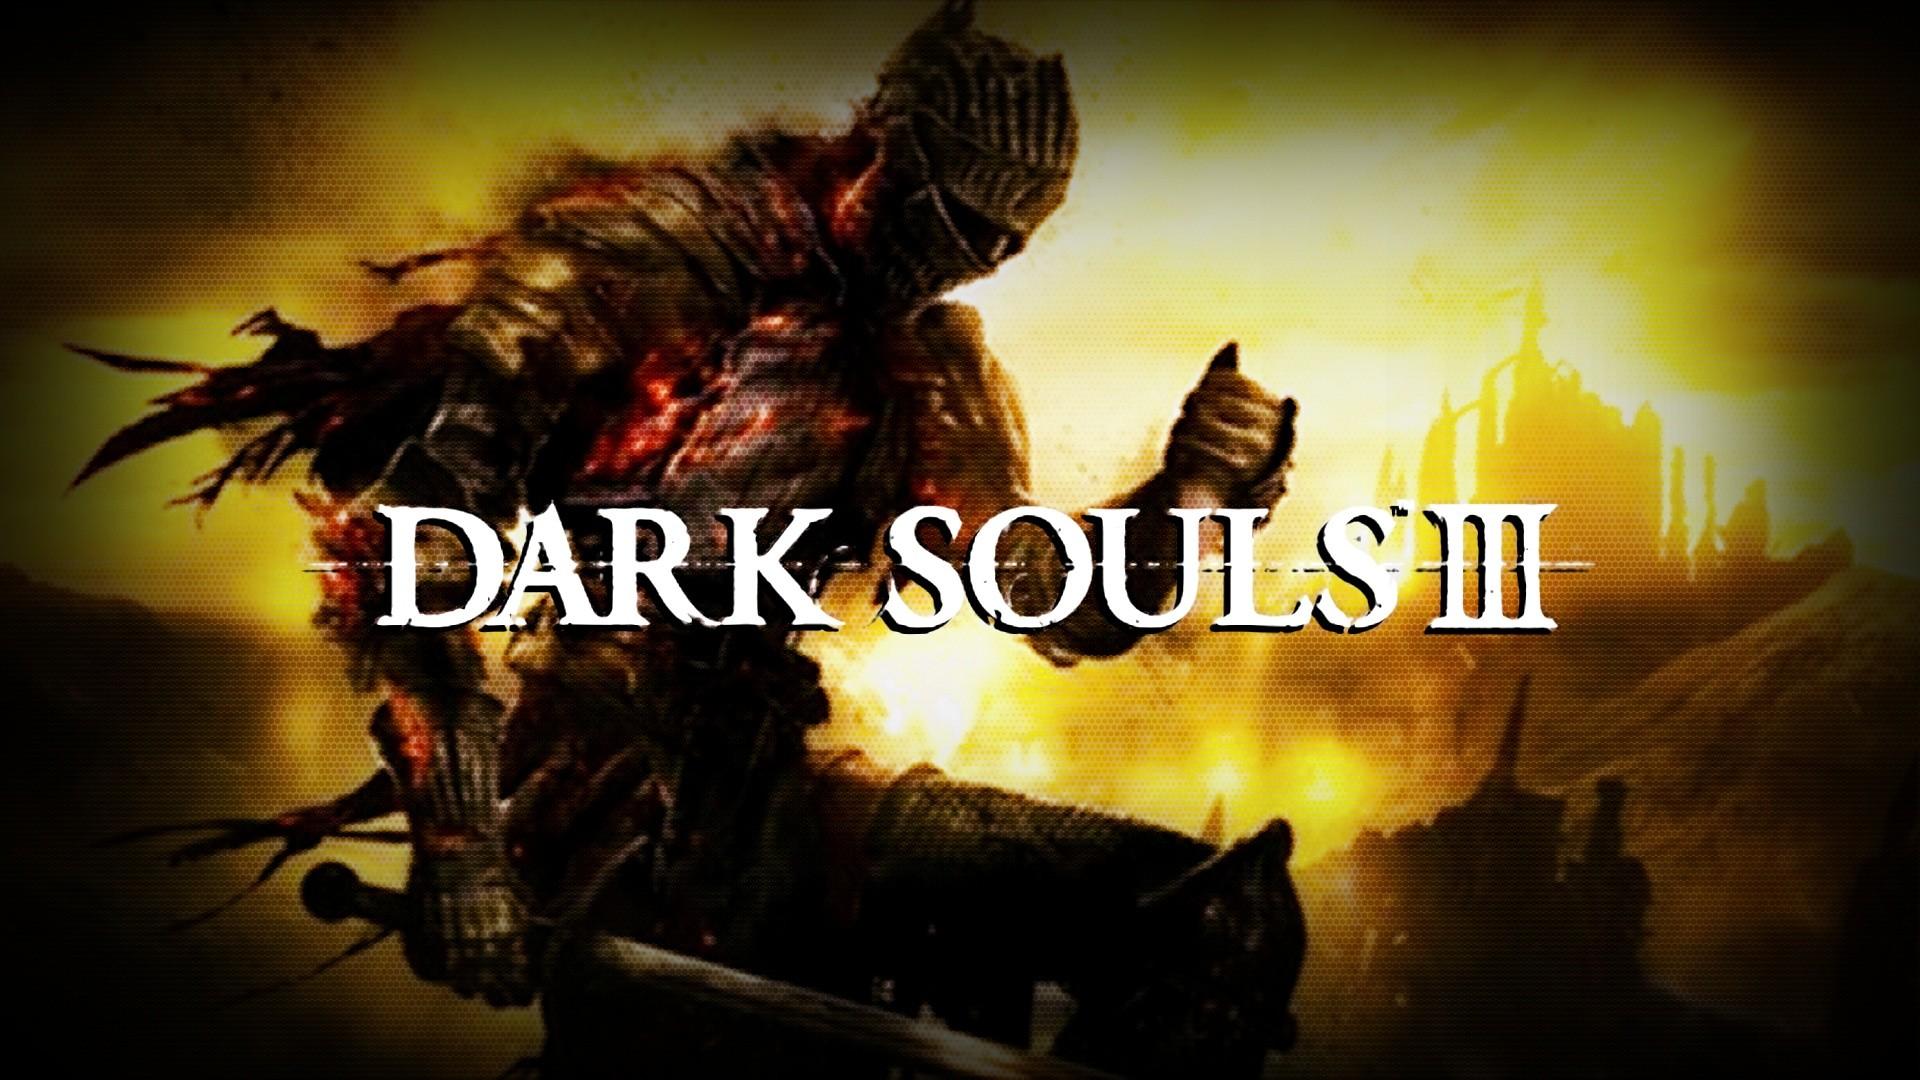 Dark Souls 3 wallpapers desktop